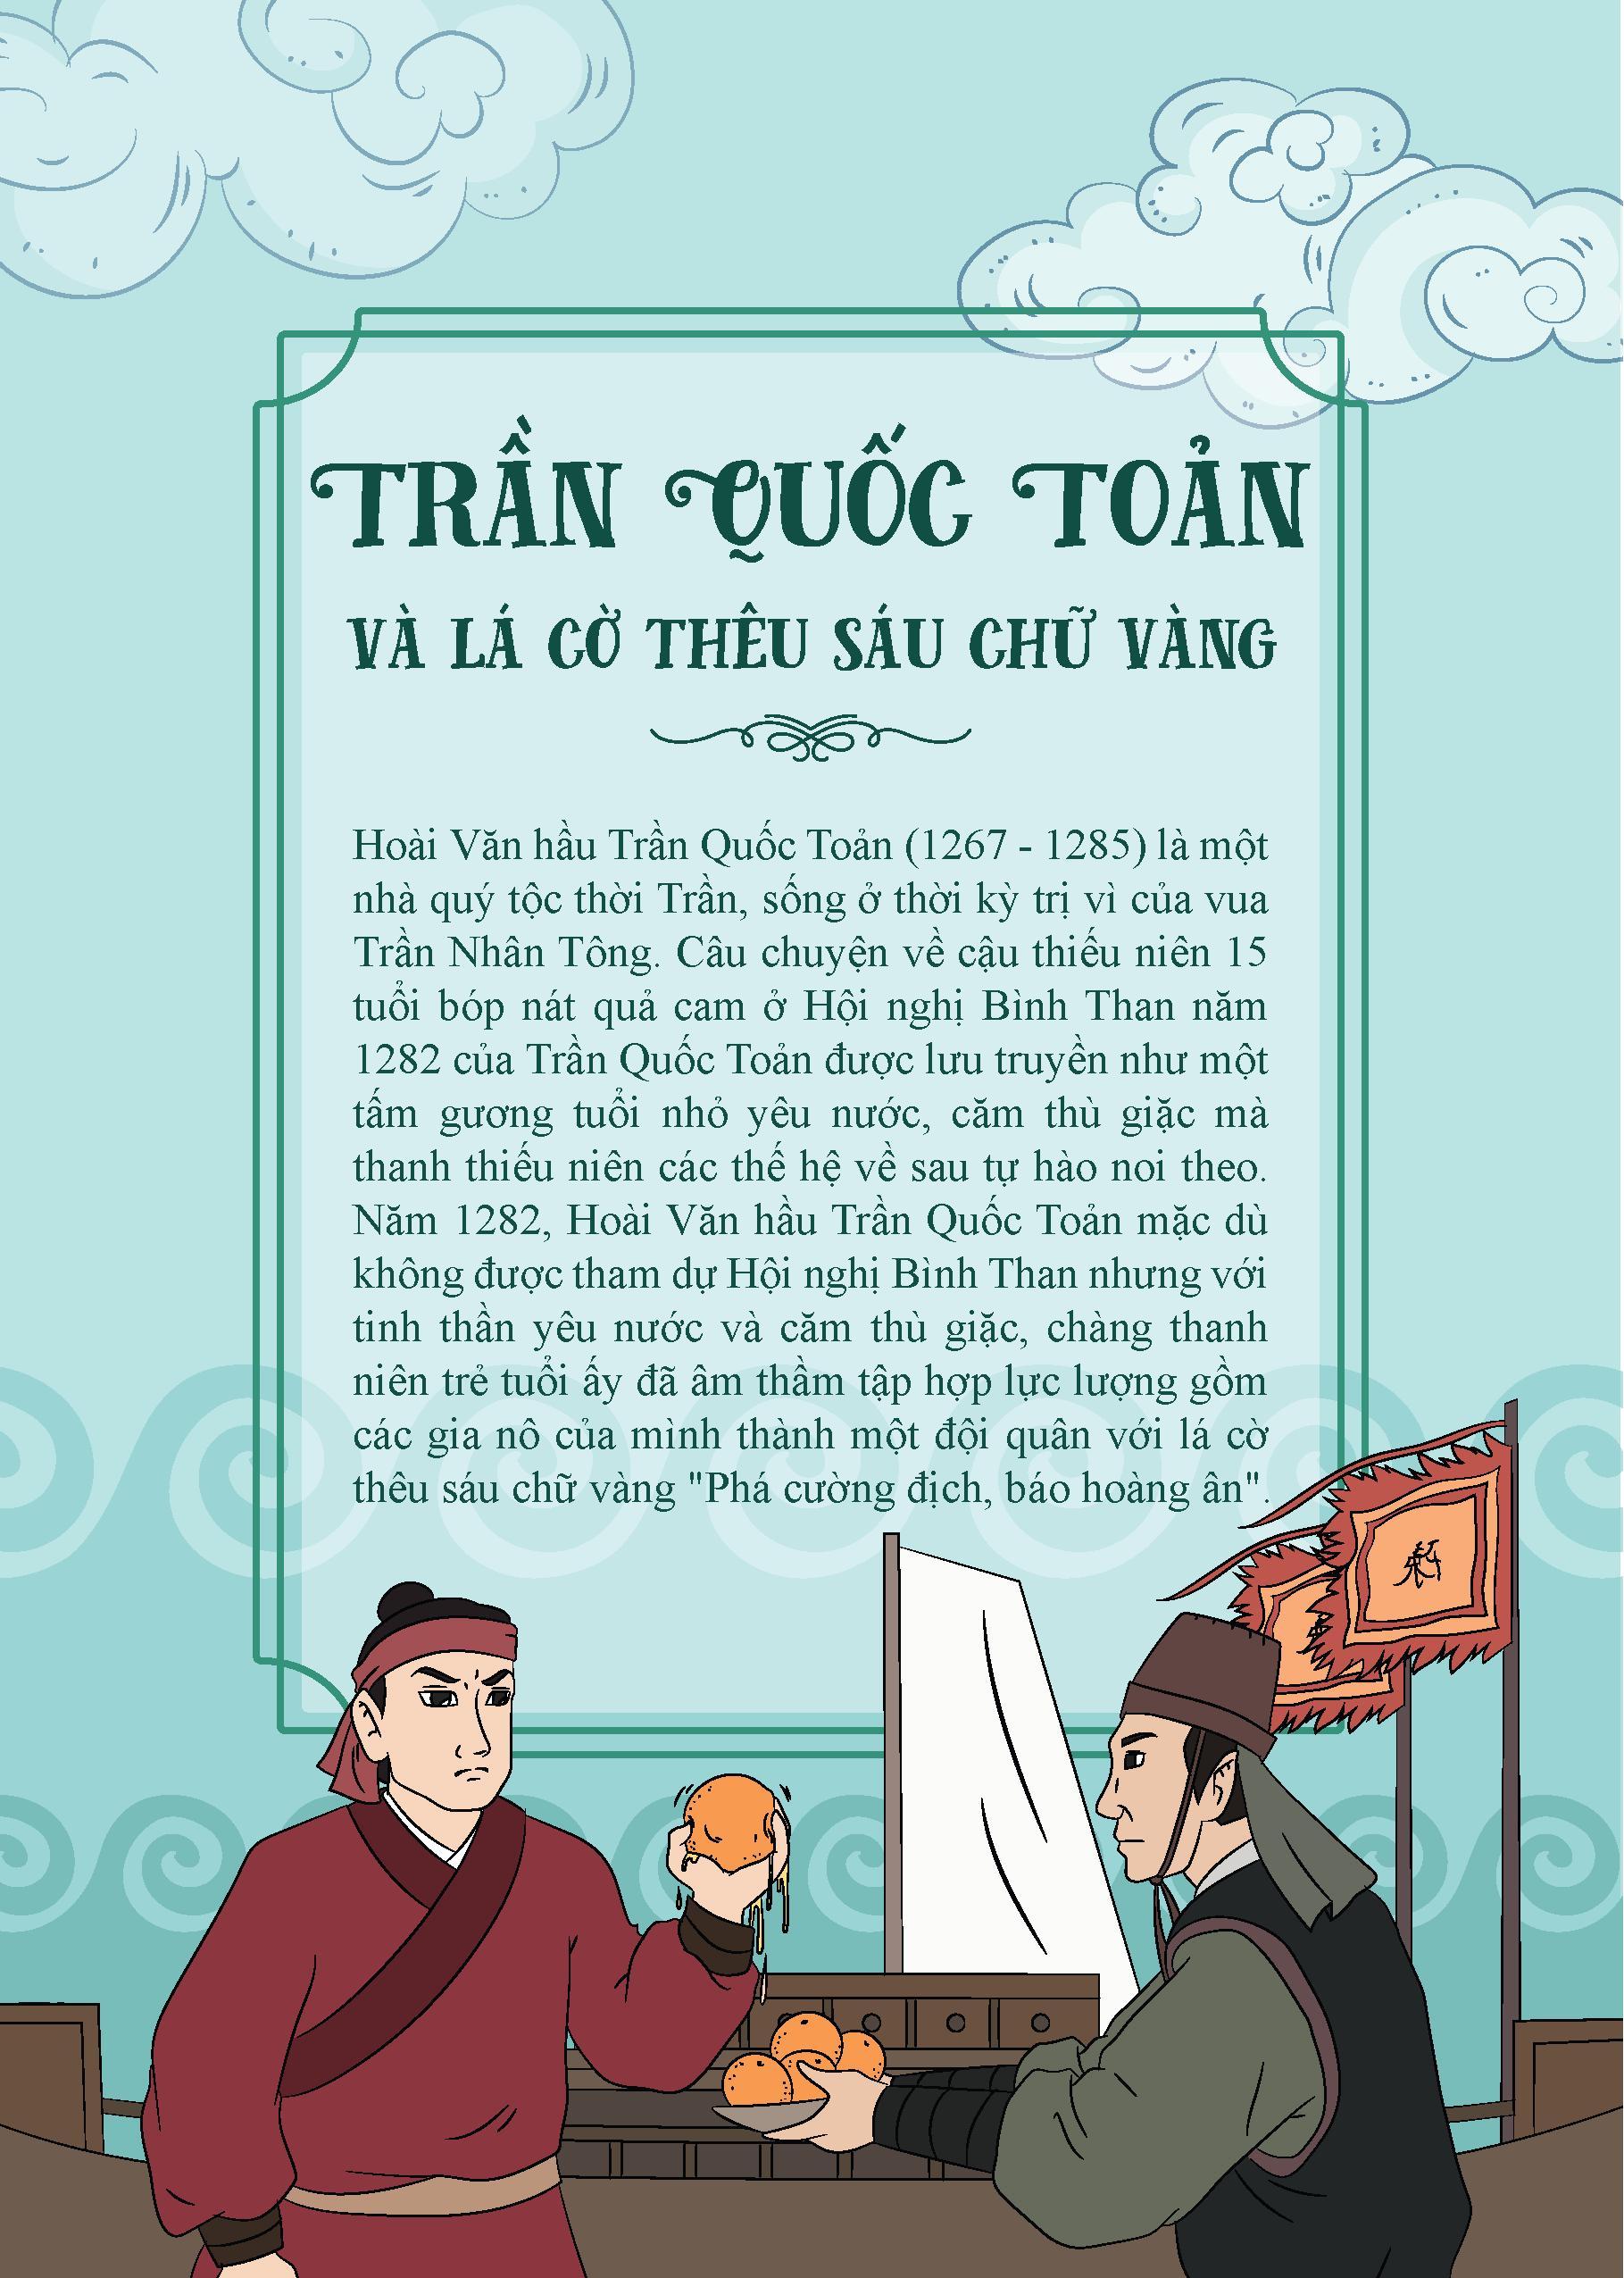 Bộ Truyện Tranh Lịch Sử Việt Nam - Khát Vọng Non Sông: Trần Quốc Toản Và Lá Cờ Thêu 6 Chữ Vàng